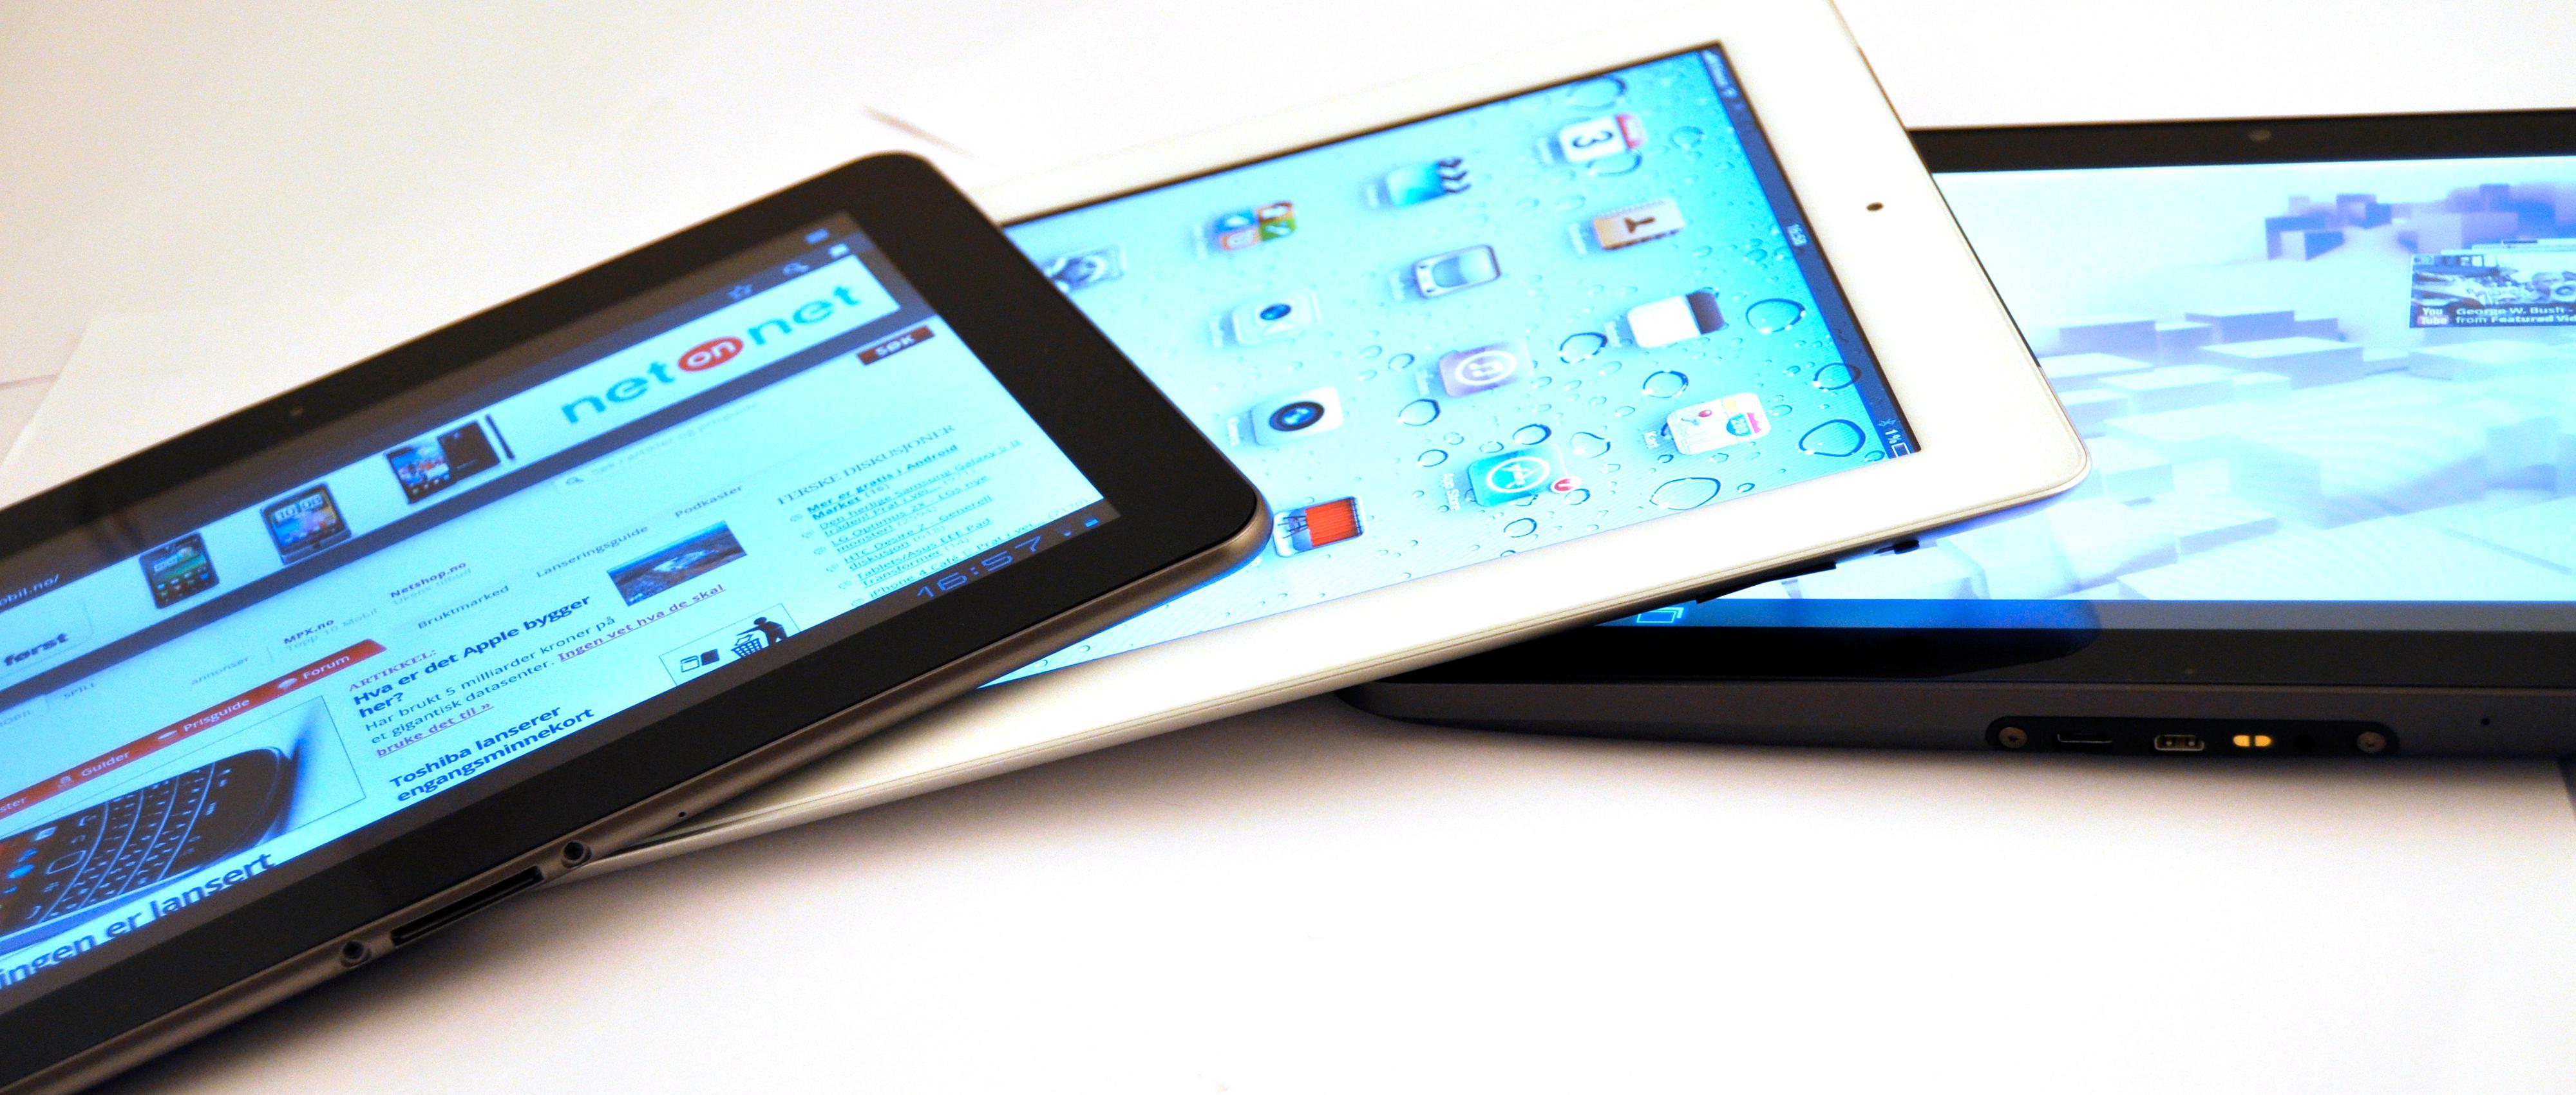 Fra venstre: Samsung Galaxy Tab 10.1, Apple iPad 2 og Motorola Xoom. Xoom er den tykkeste og tyngste av de tre.